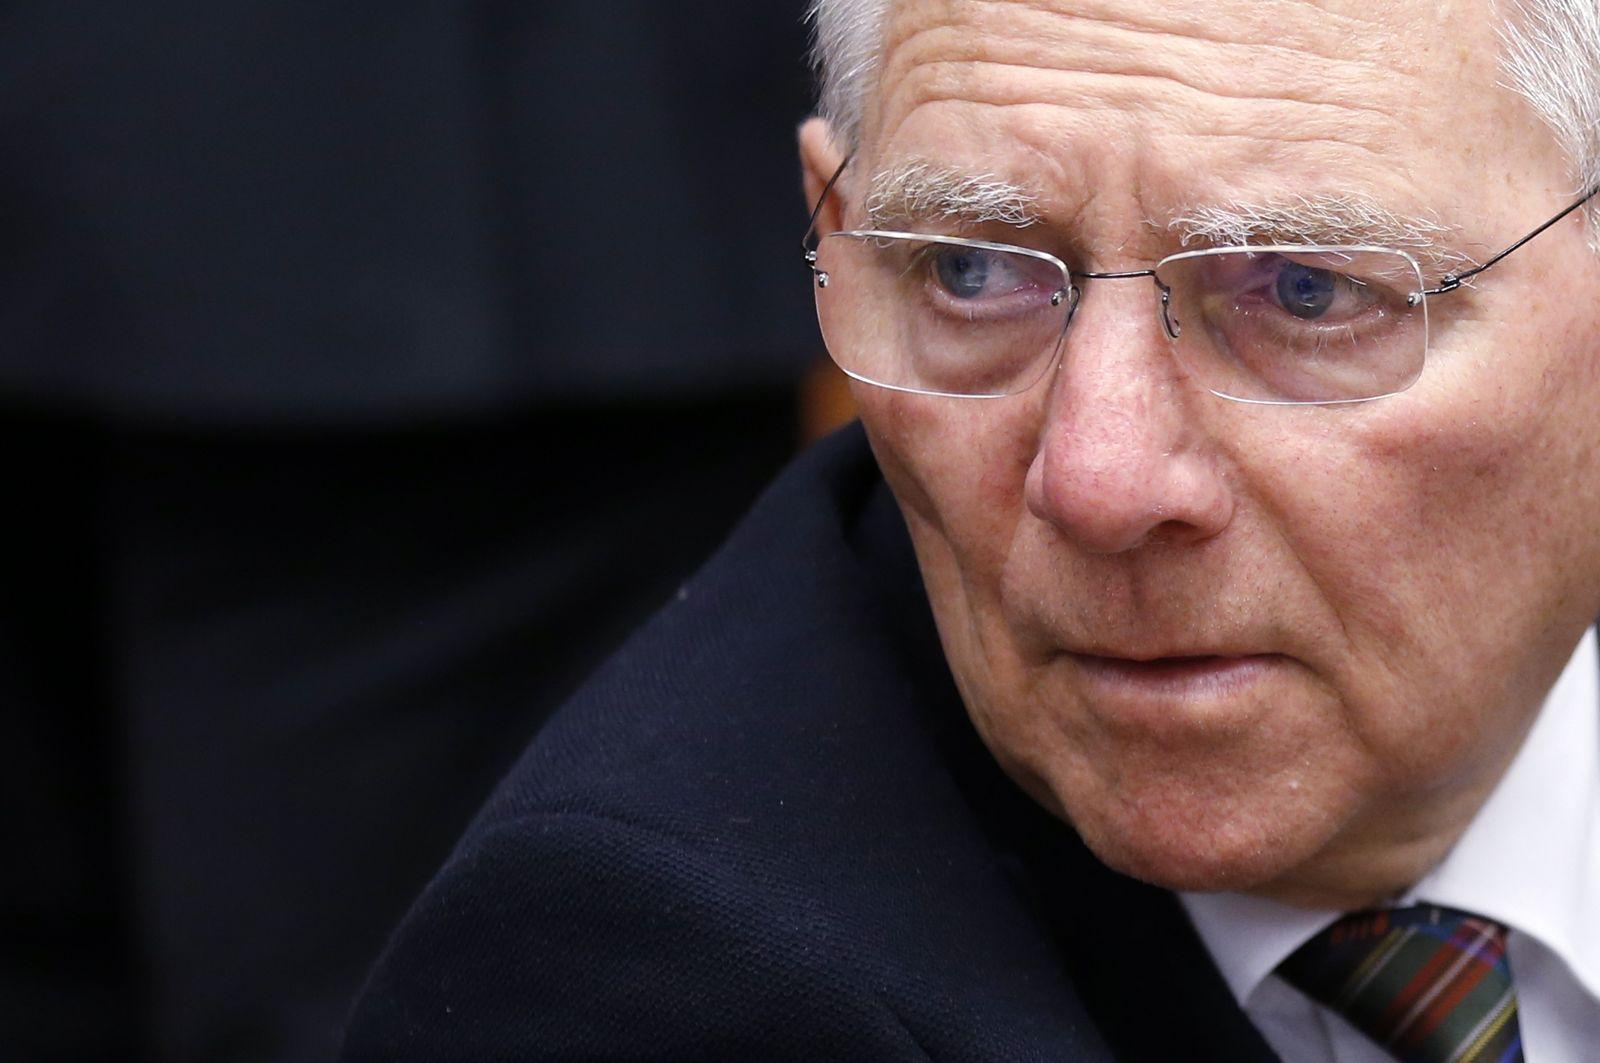 EUROZONE-GREECE/ Schäuble